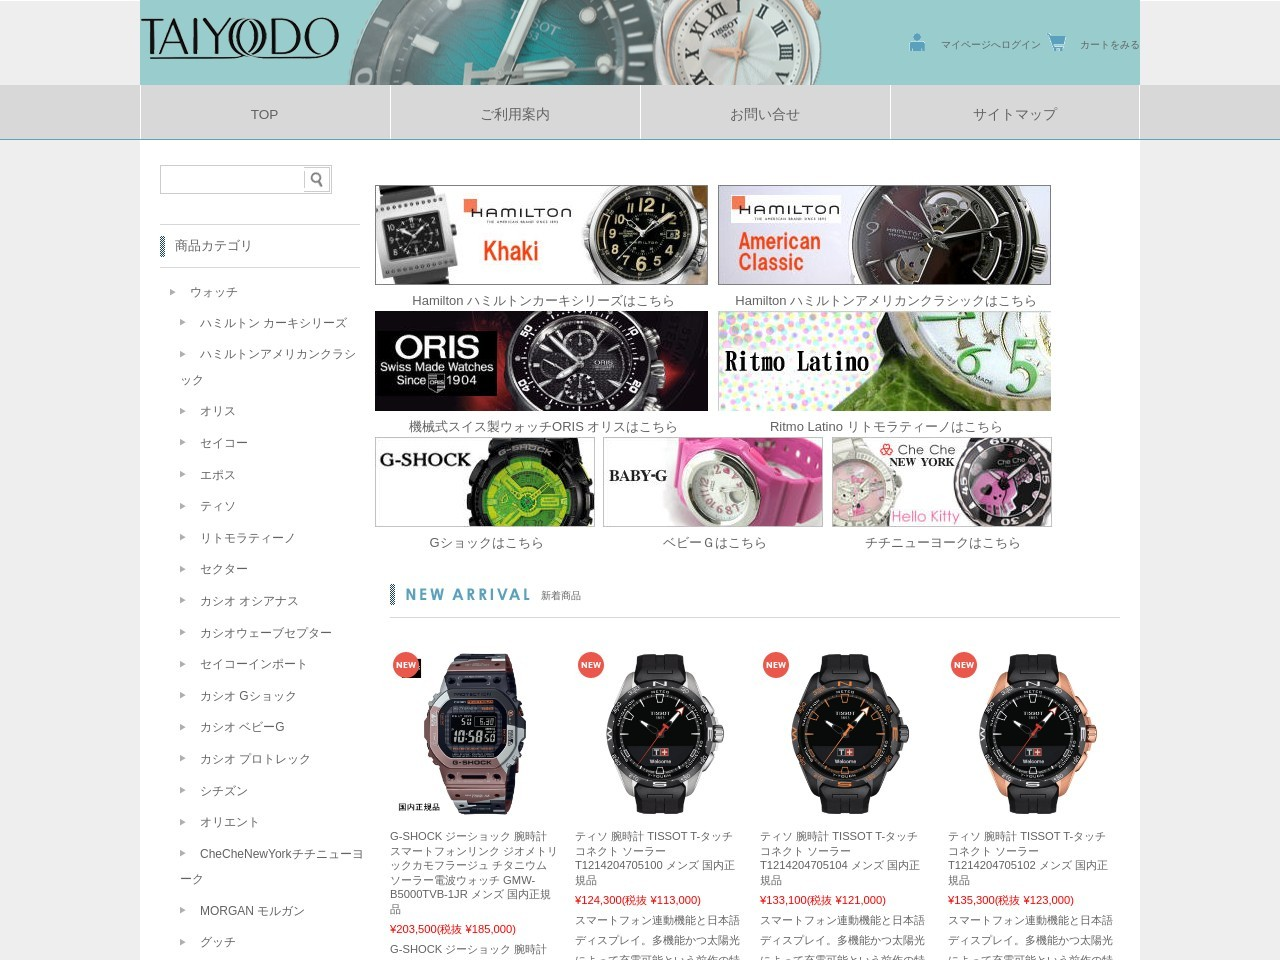 腕時計 通販・ジュエリーのことなら太陽堂 ハミルトン・オリス・Gショックの正規販売専門店